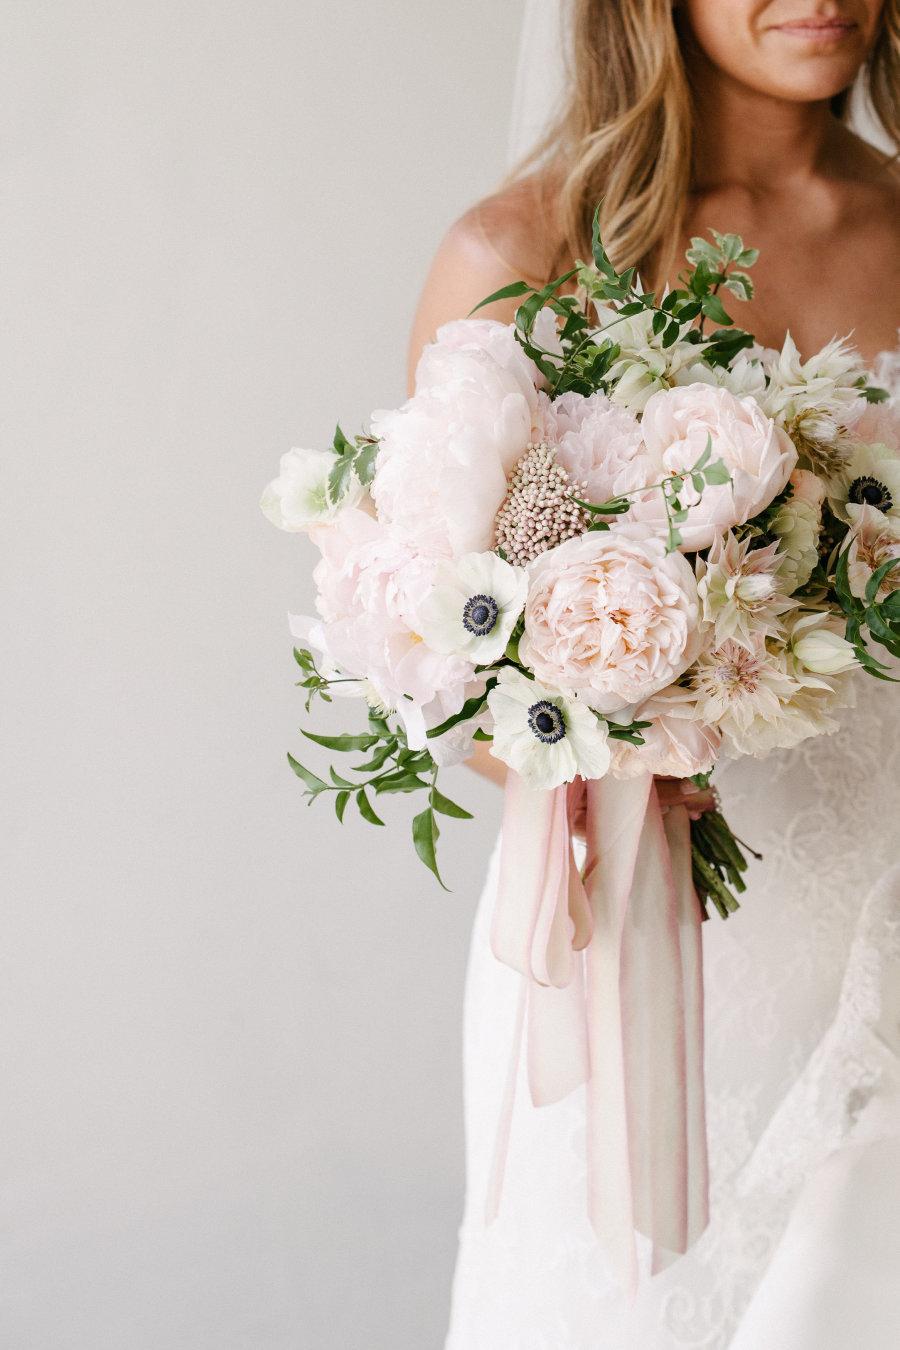 Форма букета для невесты в августе